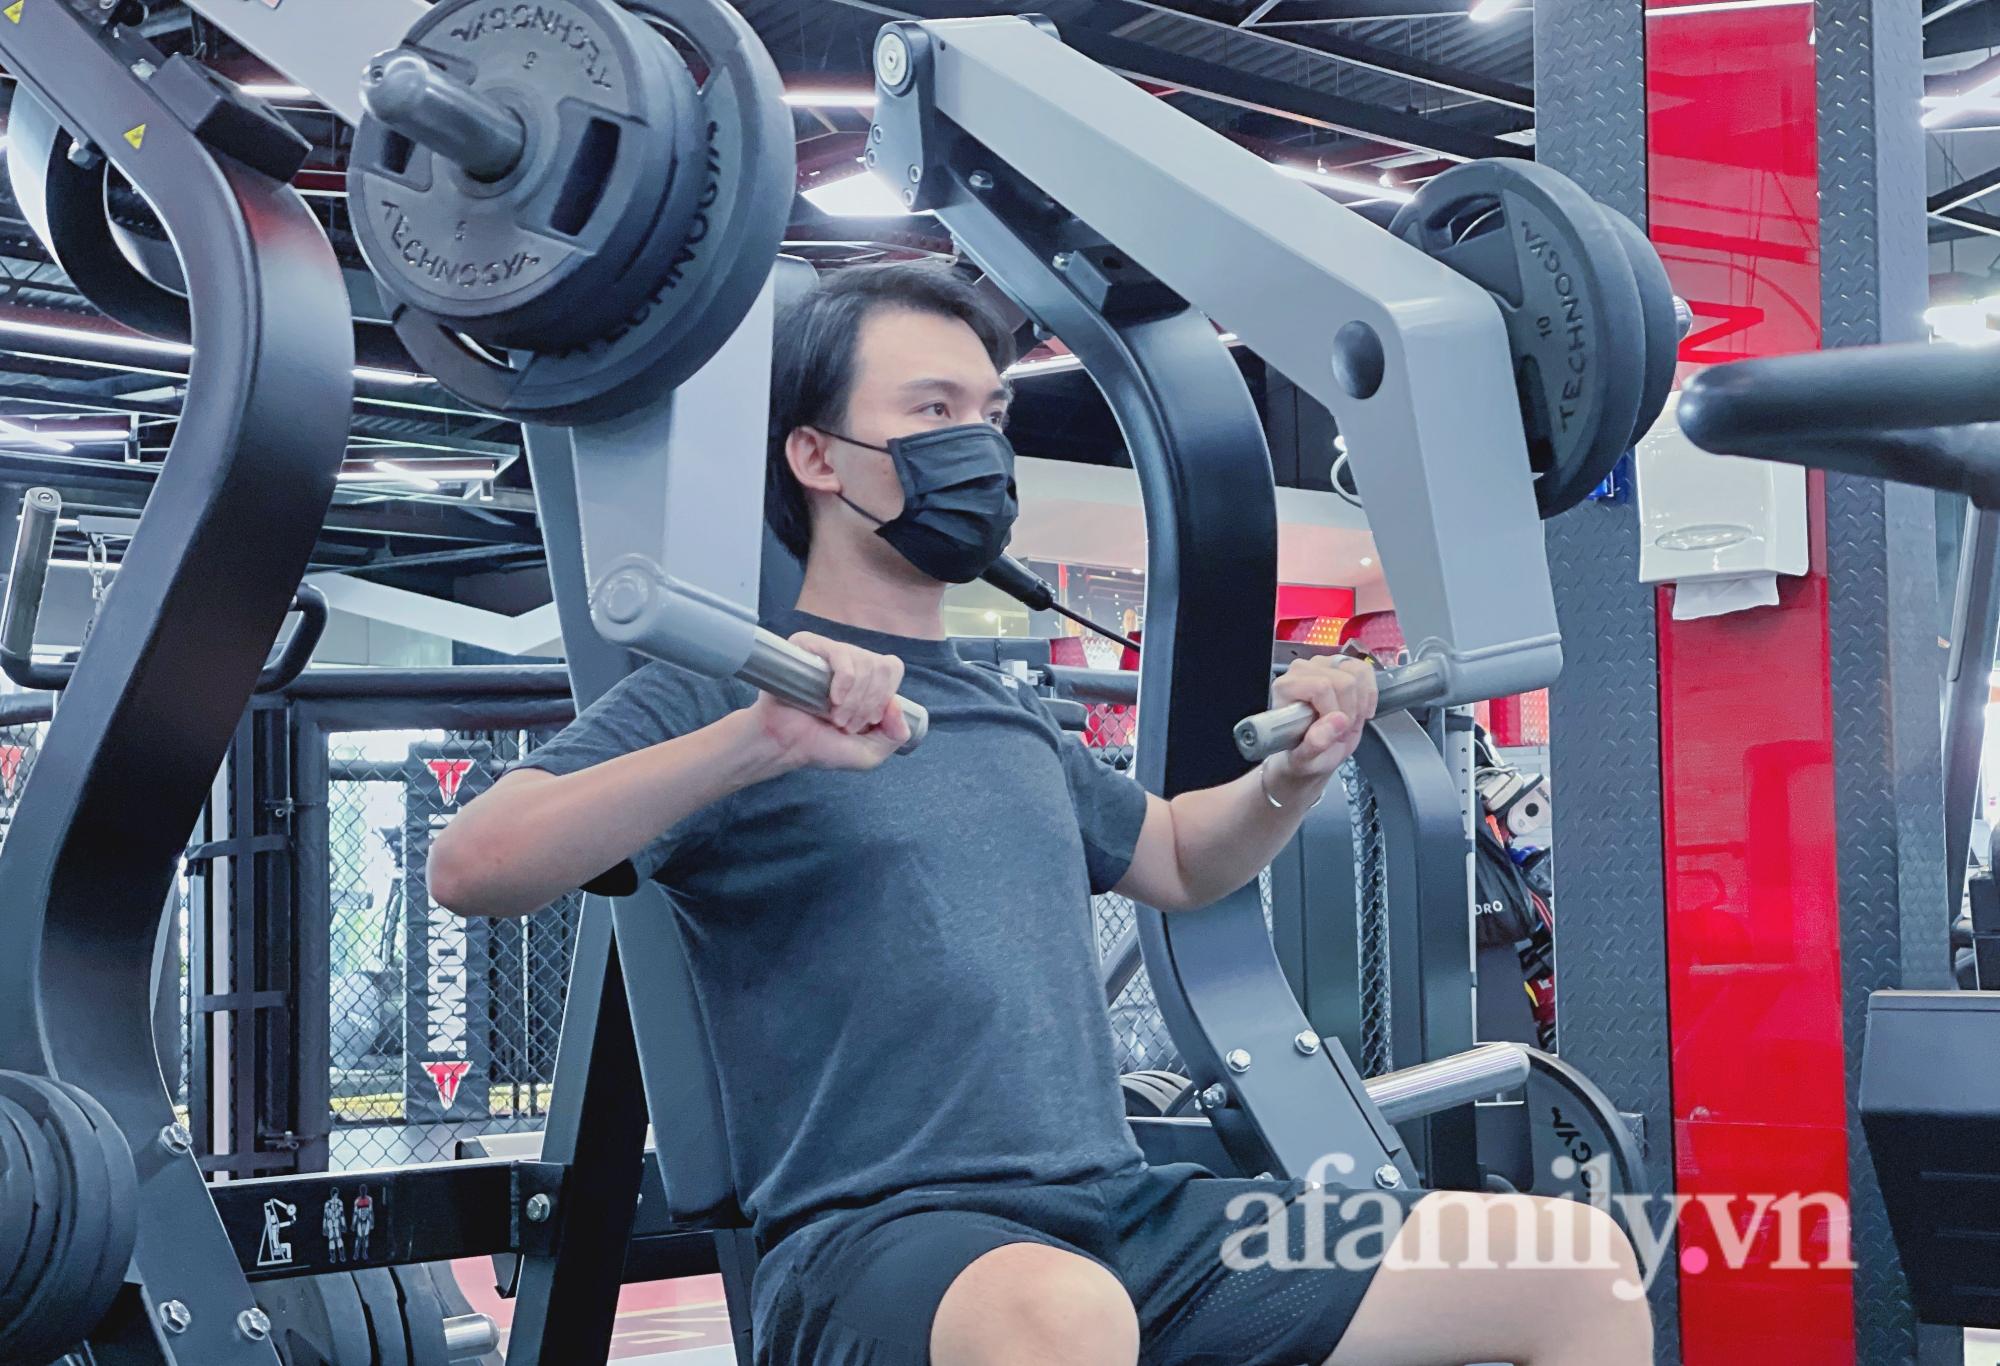 """Sau 4 tháng """"ngủ đông"""", phòng gym ở TP.HCM mở cửa, nhiều bạn trẻ vui như trẩy hội - Ảnh 3."""